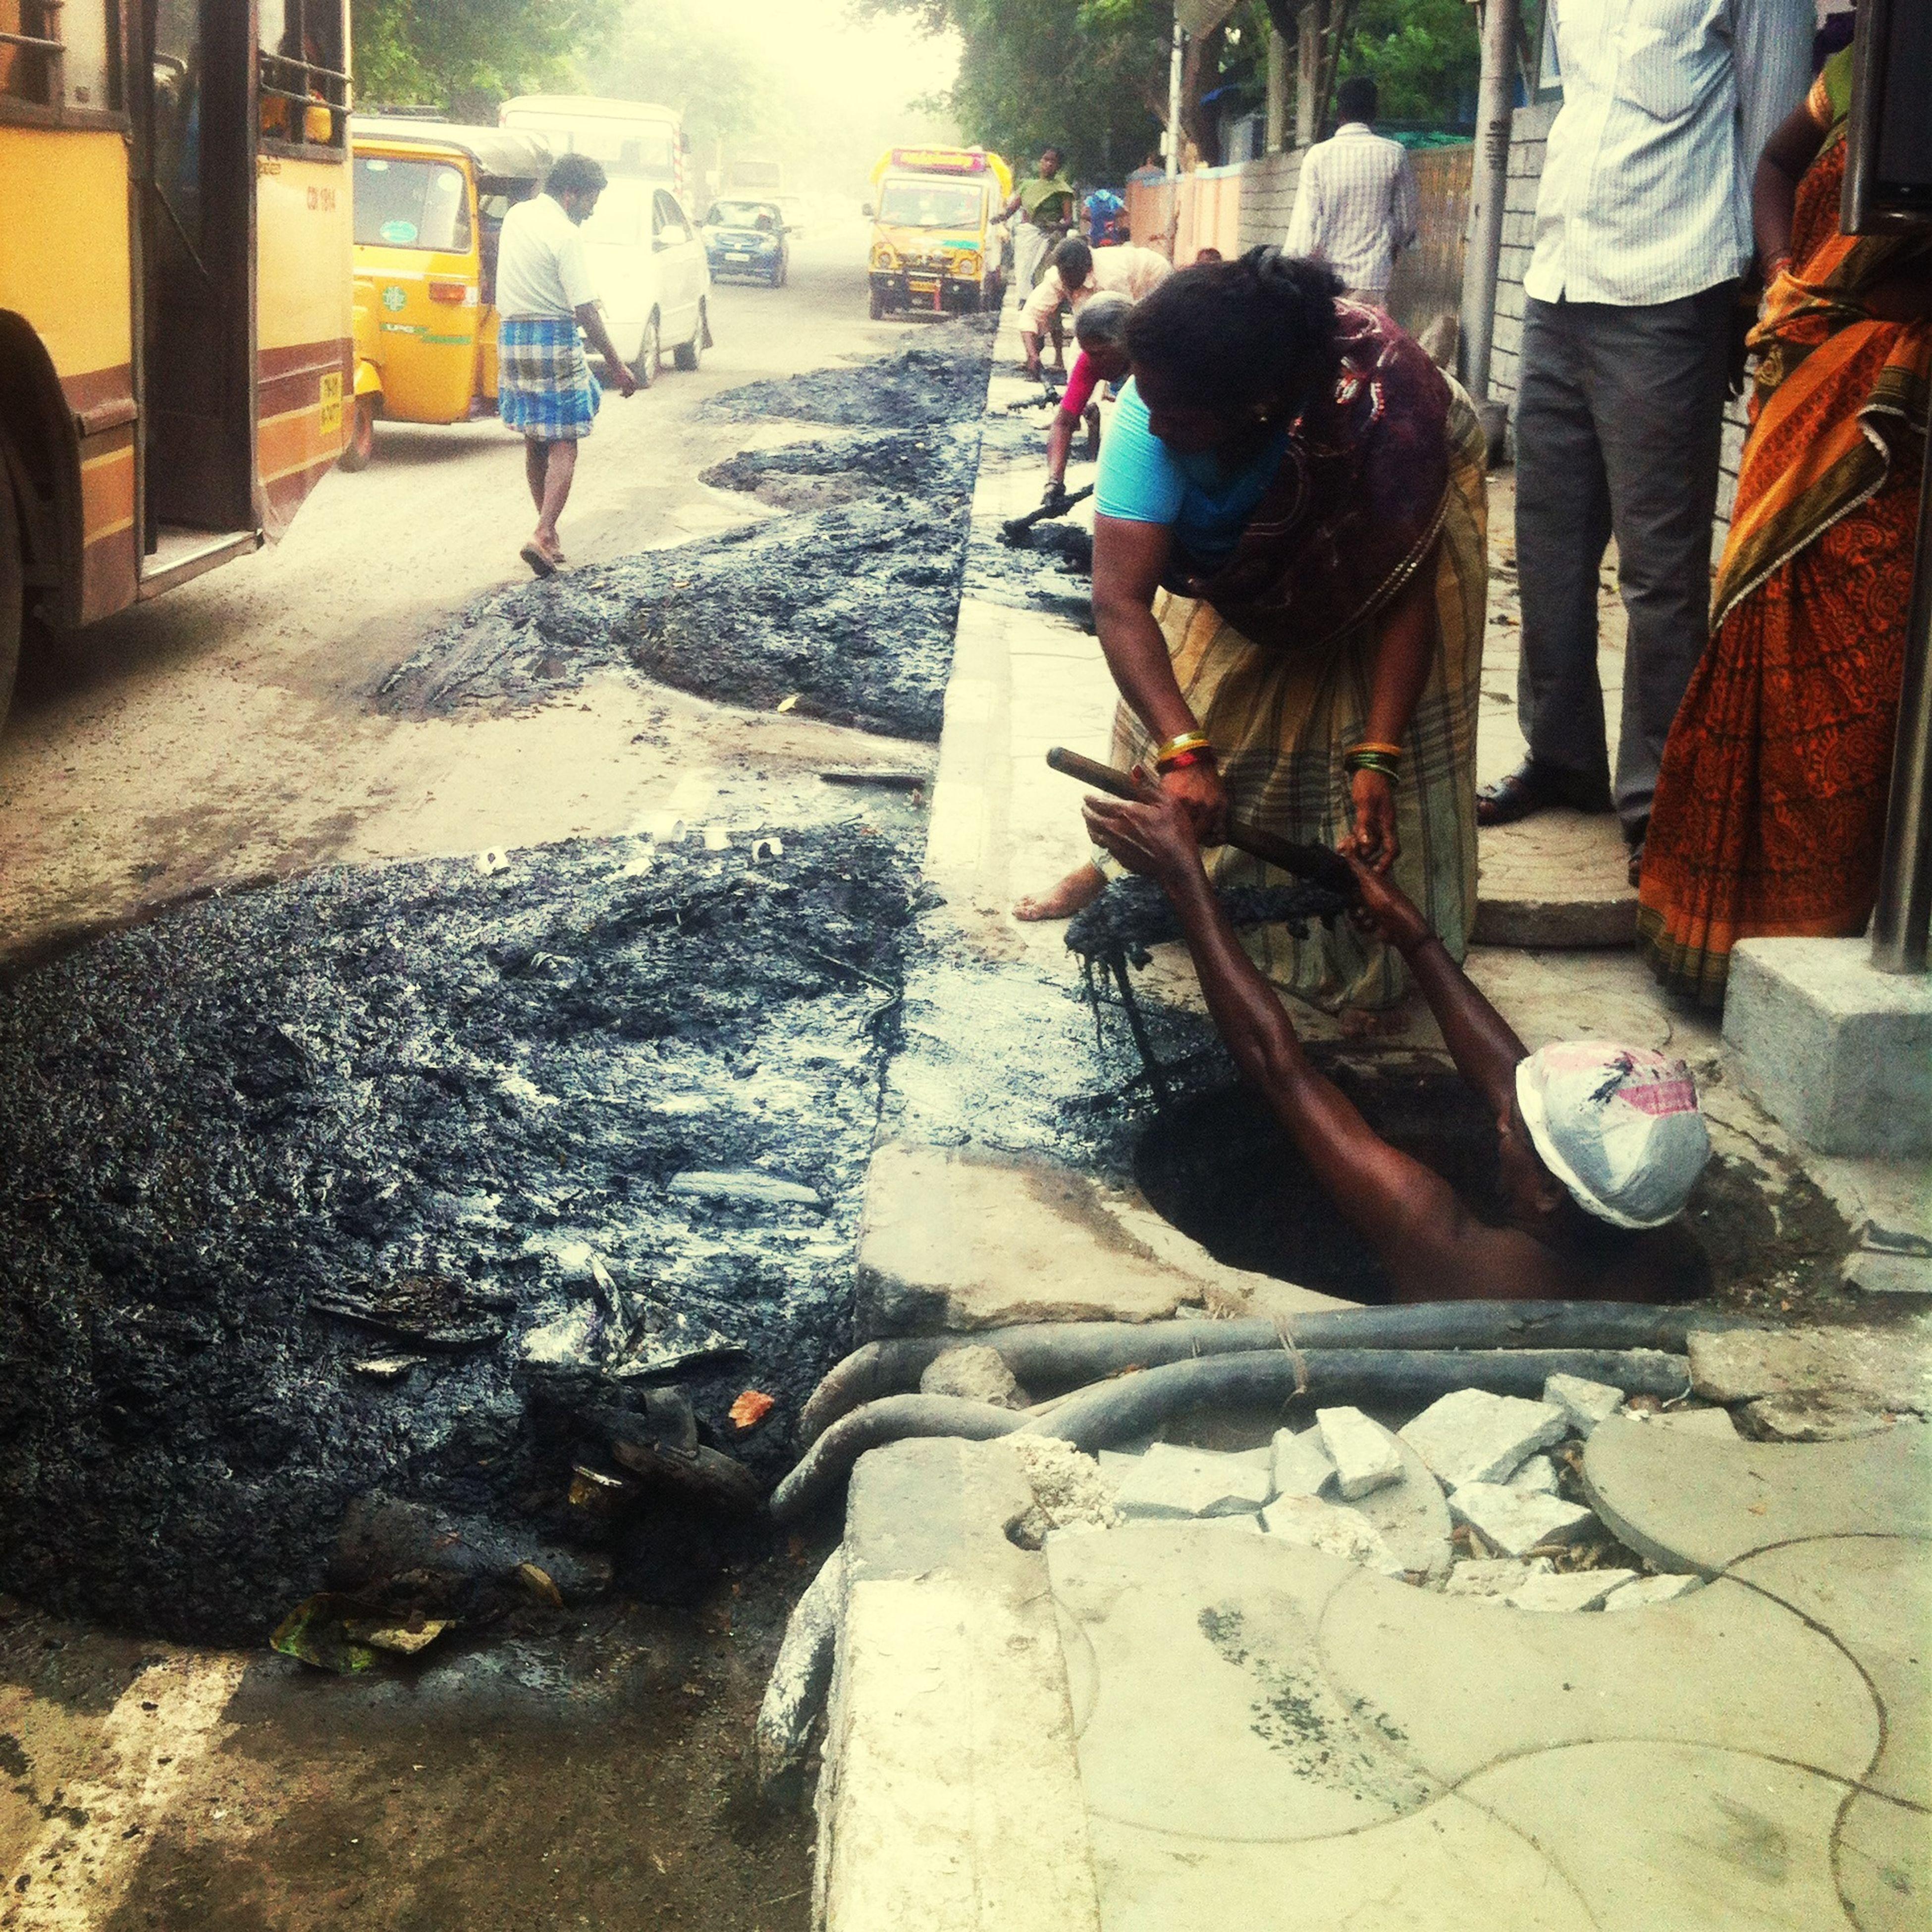 Thisisjustwrong OnlyinIndia Sewage Caste Health Hazard Sickening Workers Unblocking Drains Drainage